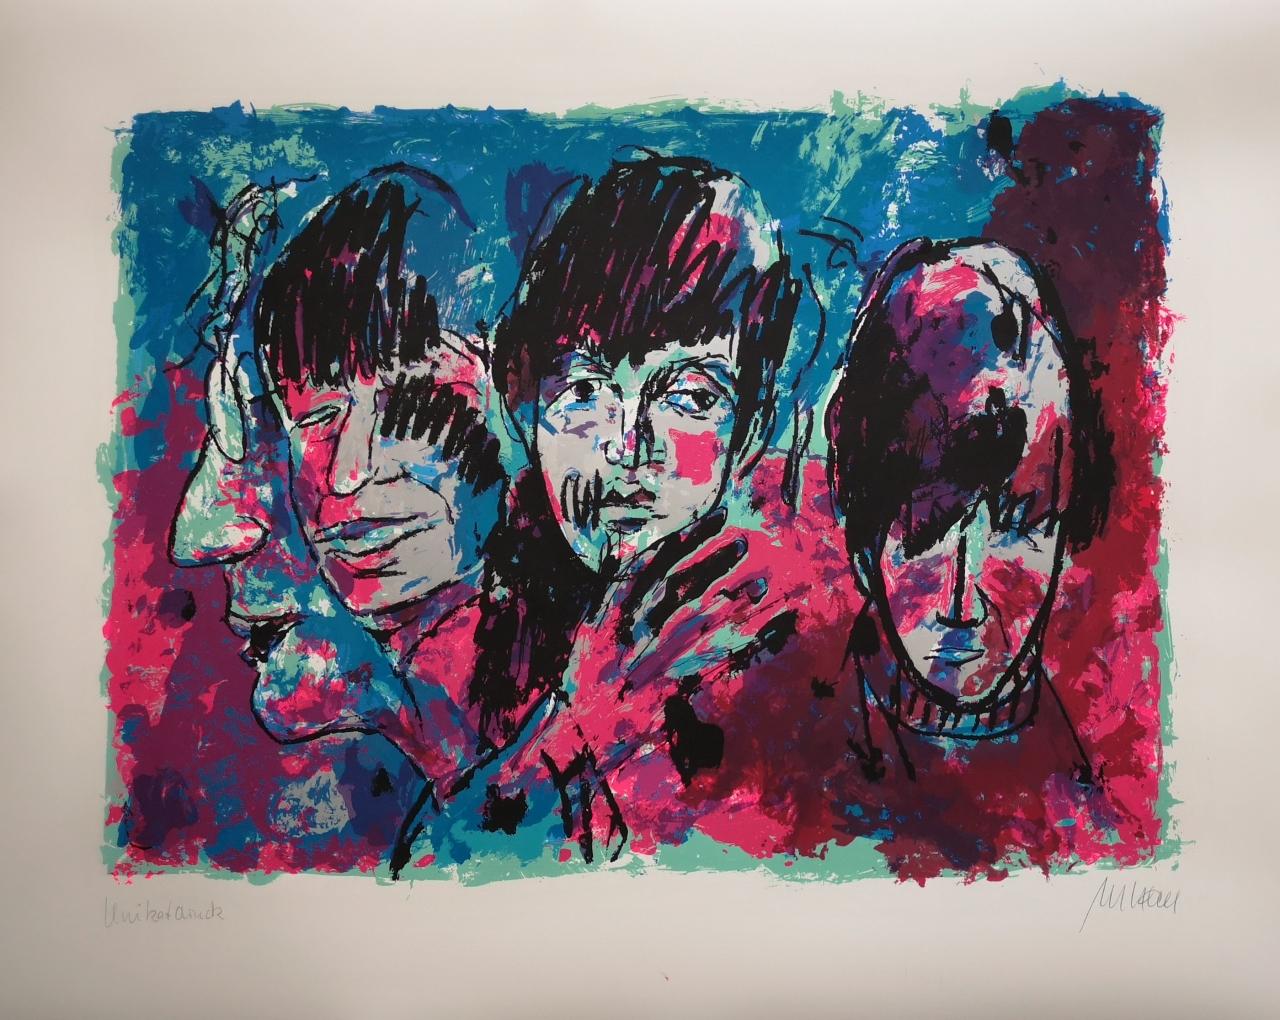 The Beatles - Unikatdruck - No. III - Variante Blau-Violett-Rot